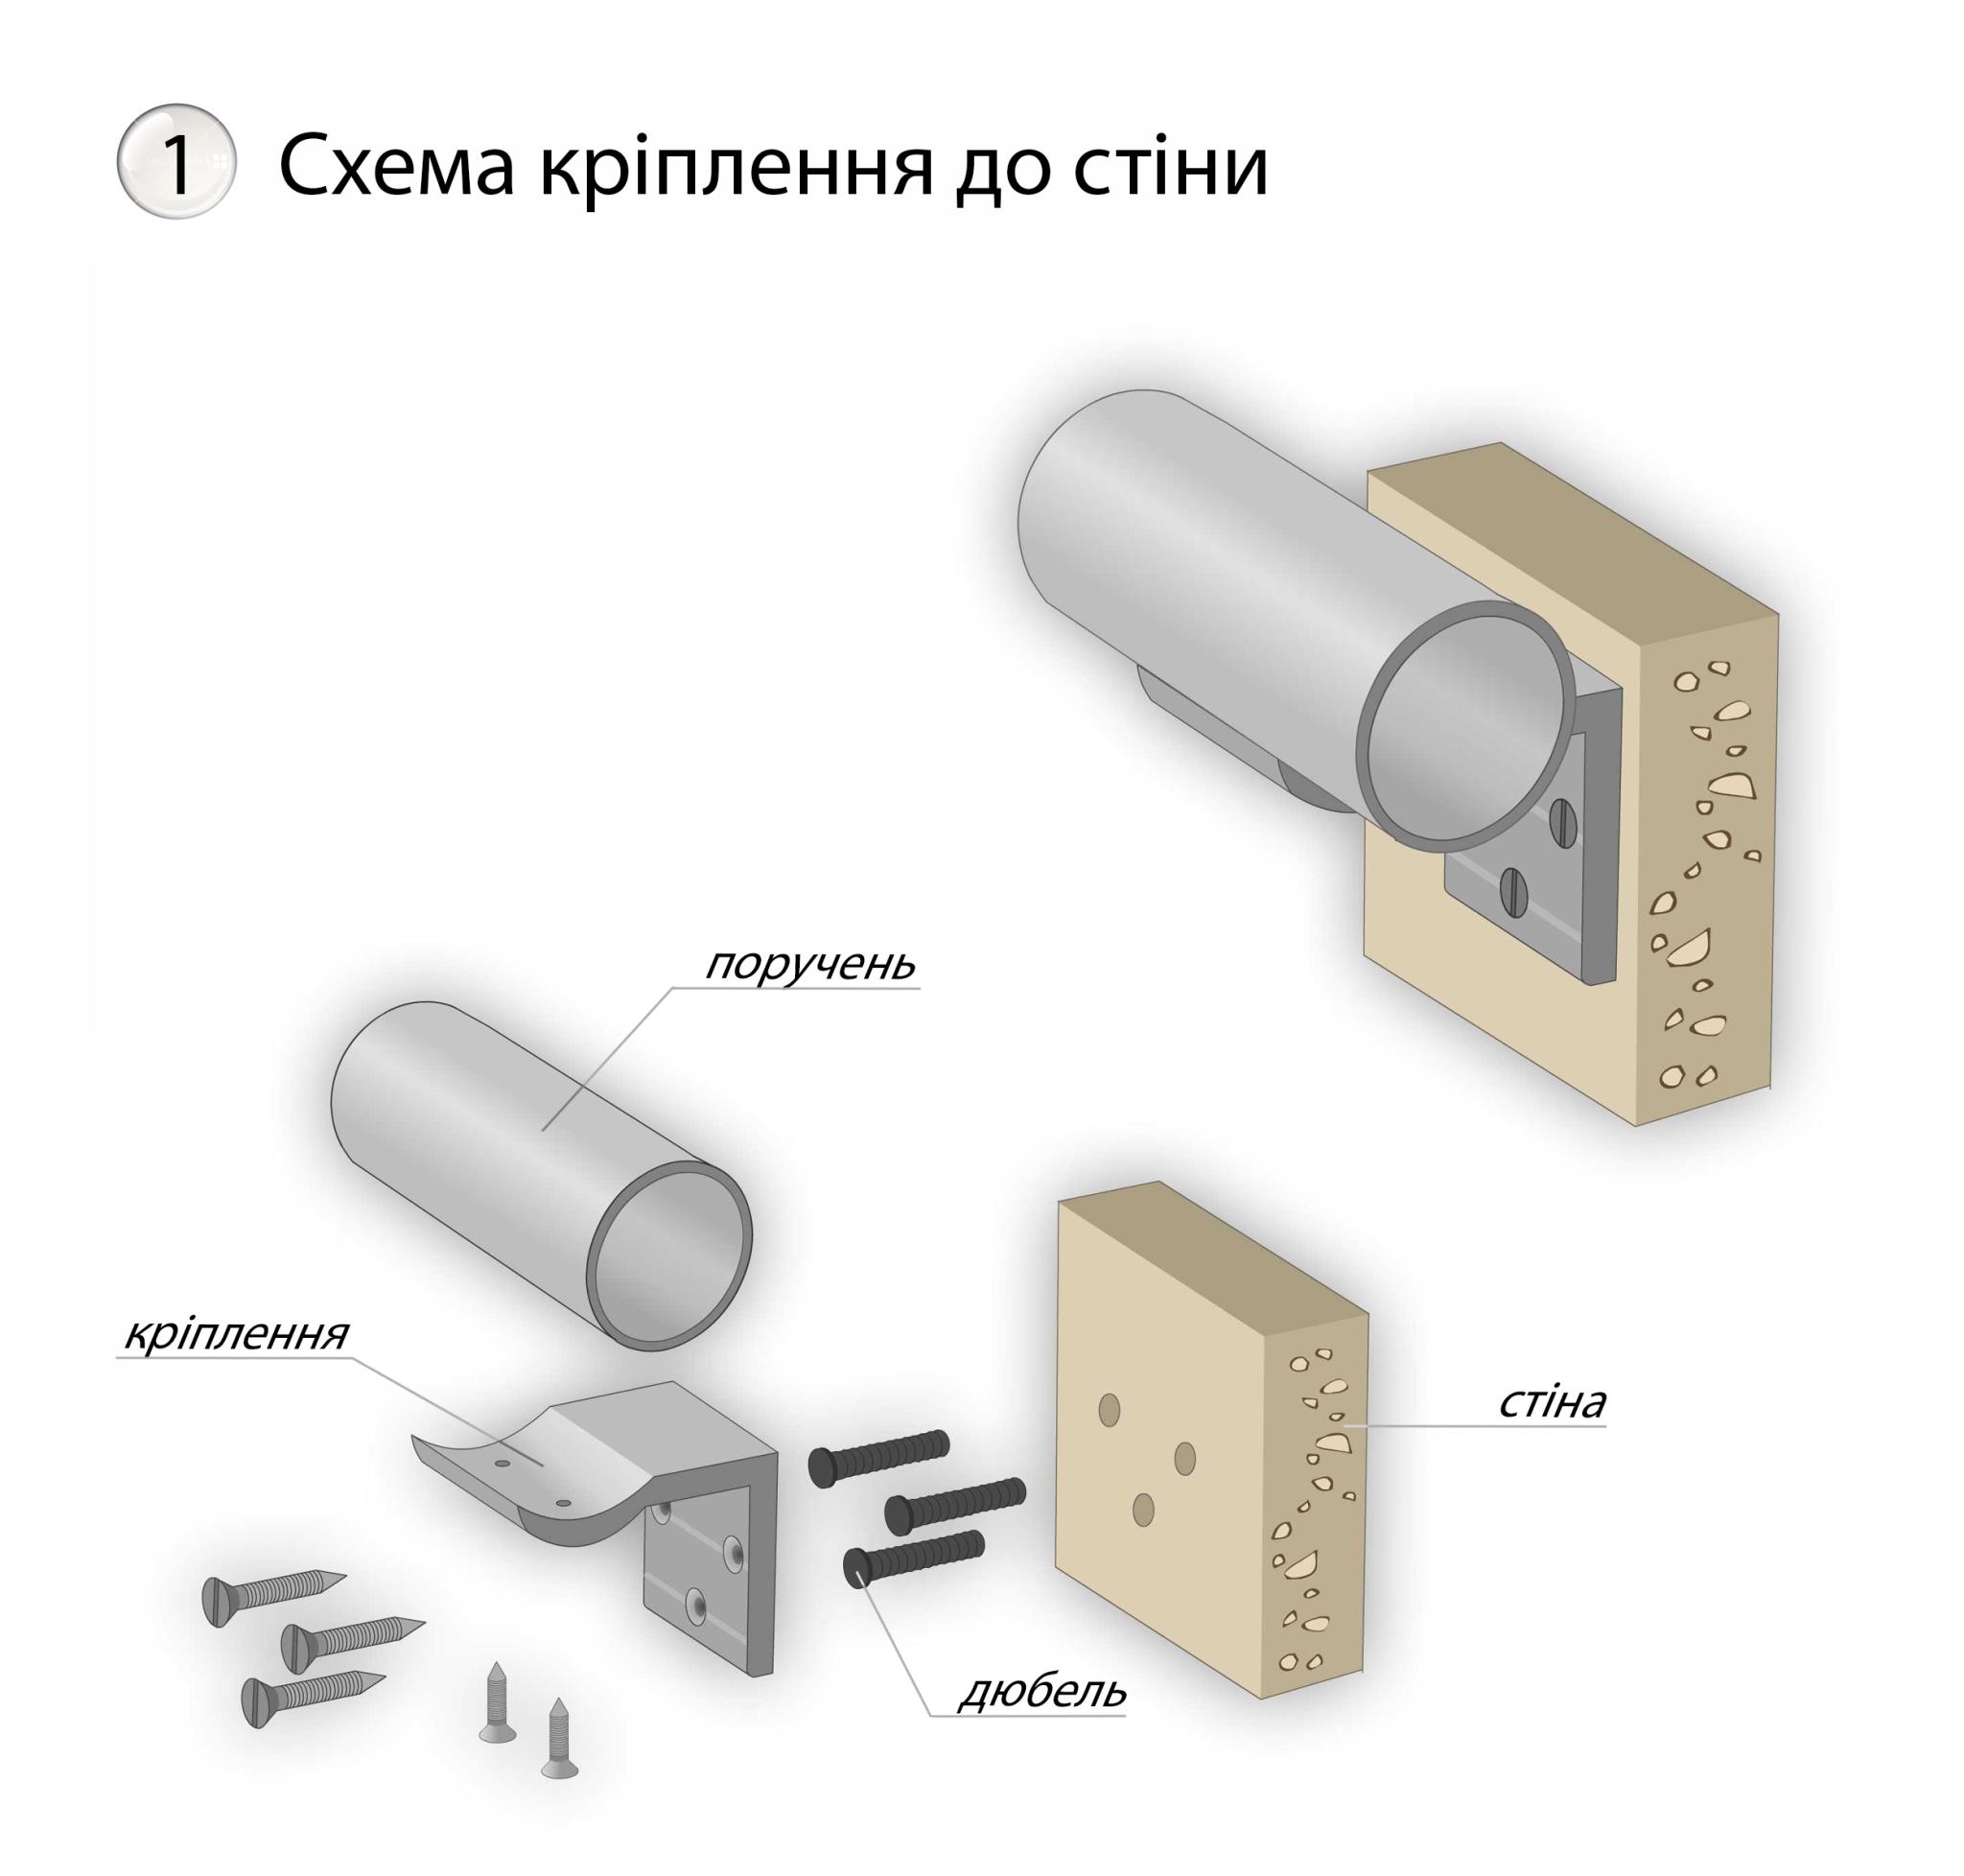 Схема кріплення до стіни